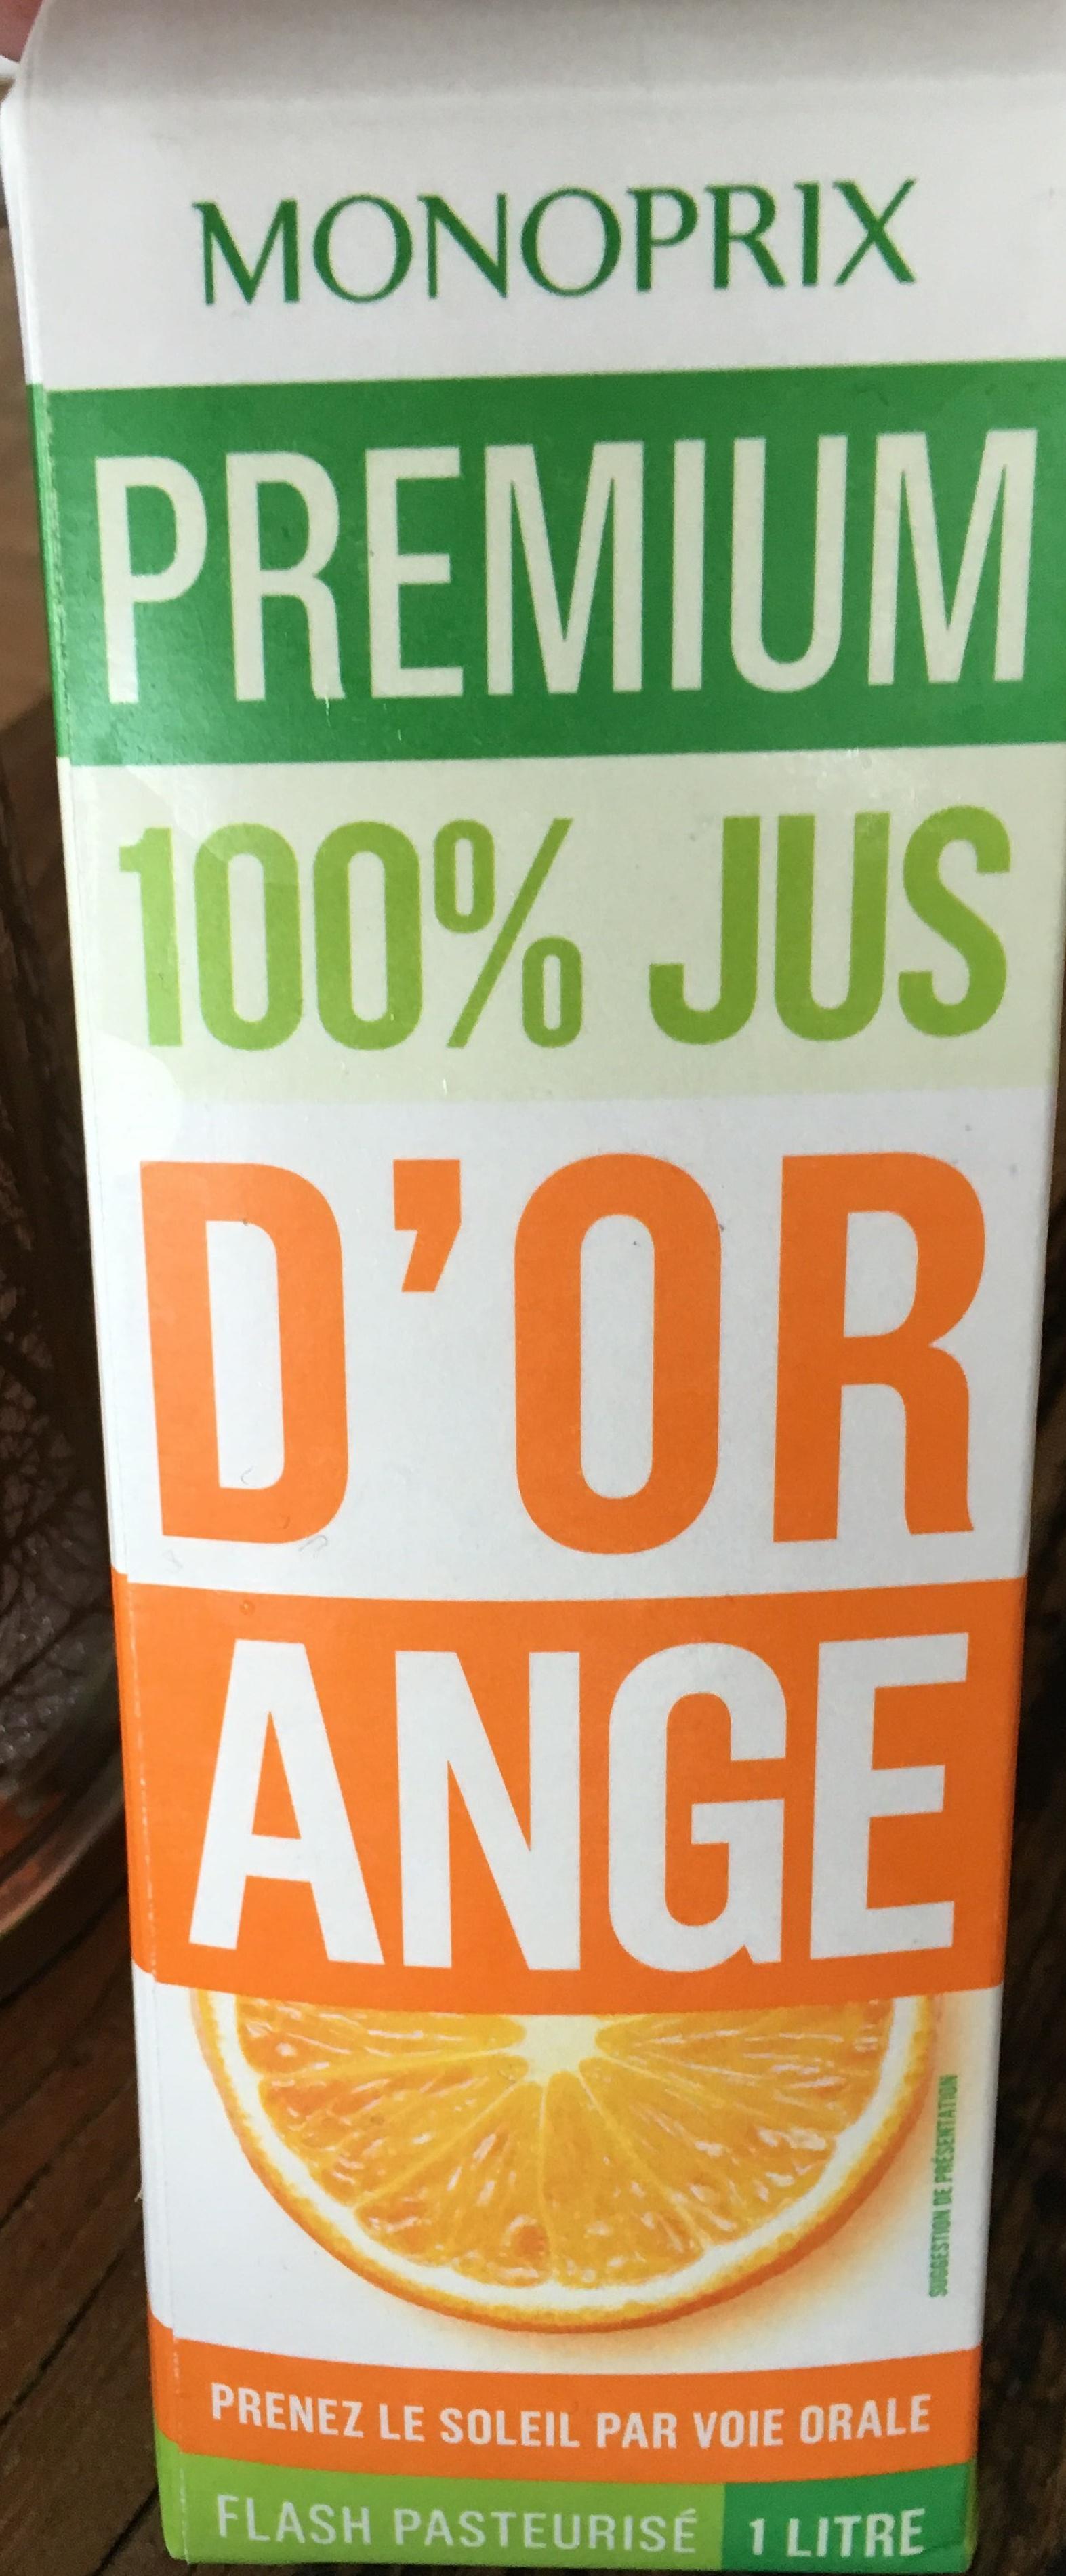 Premium 100% Jus d'orange - Product - fr